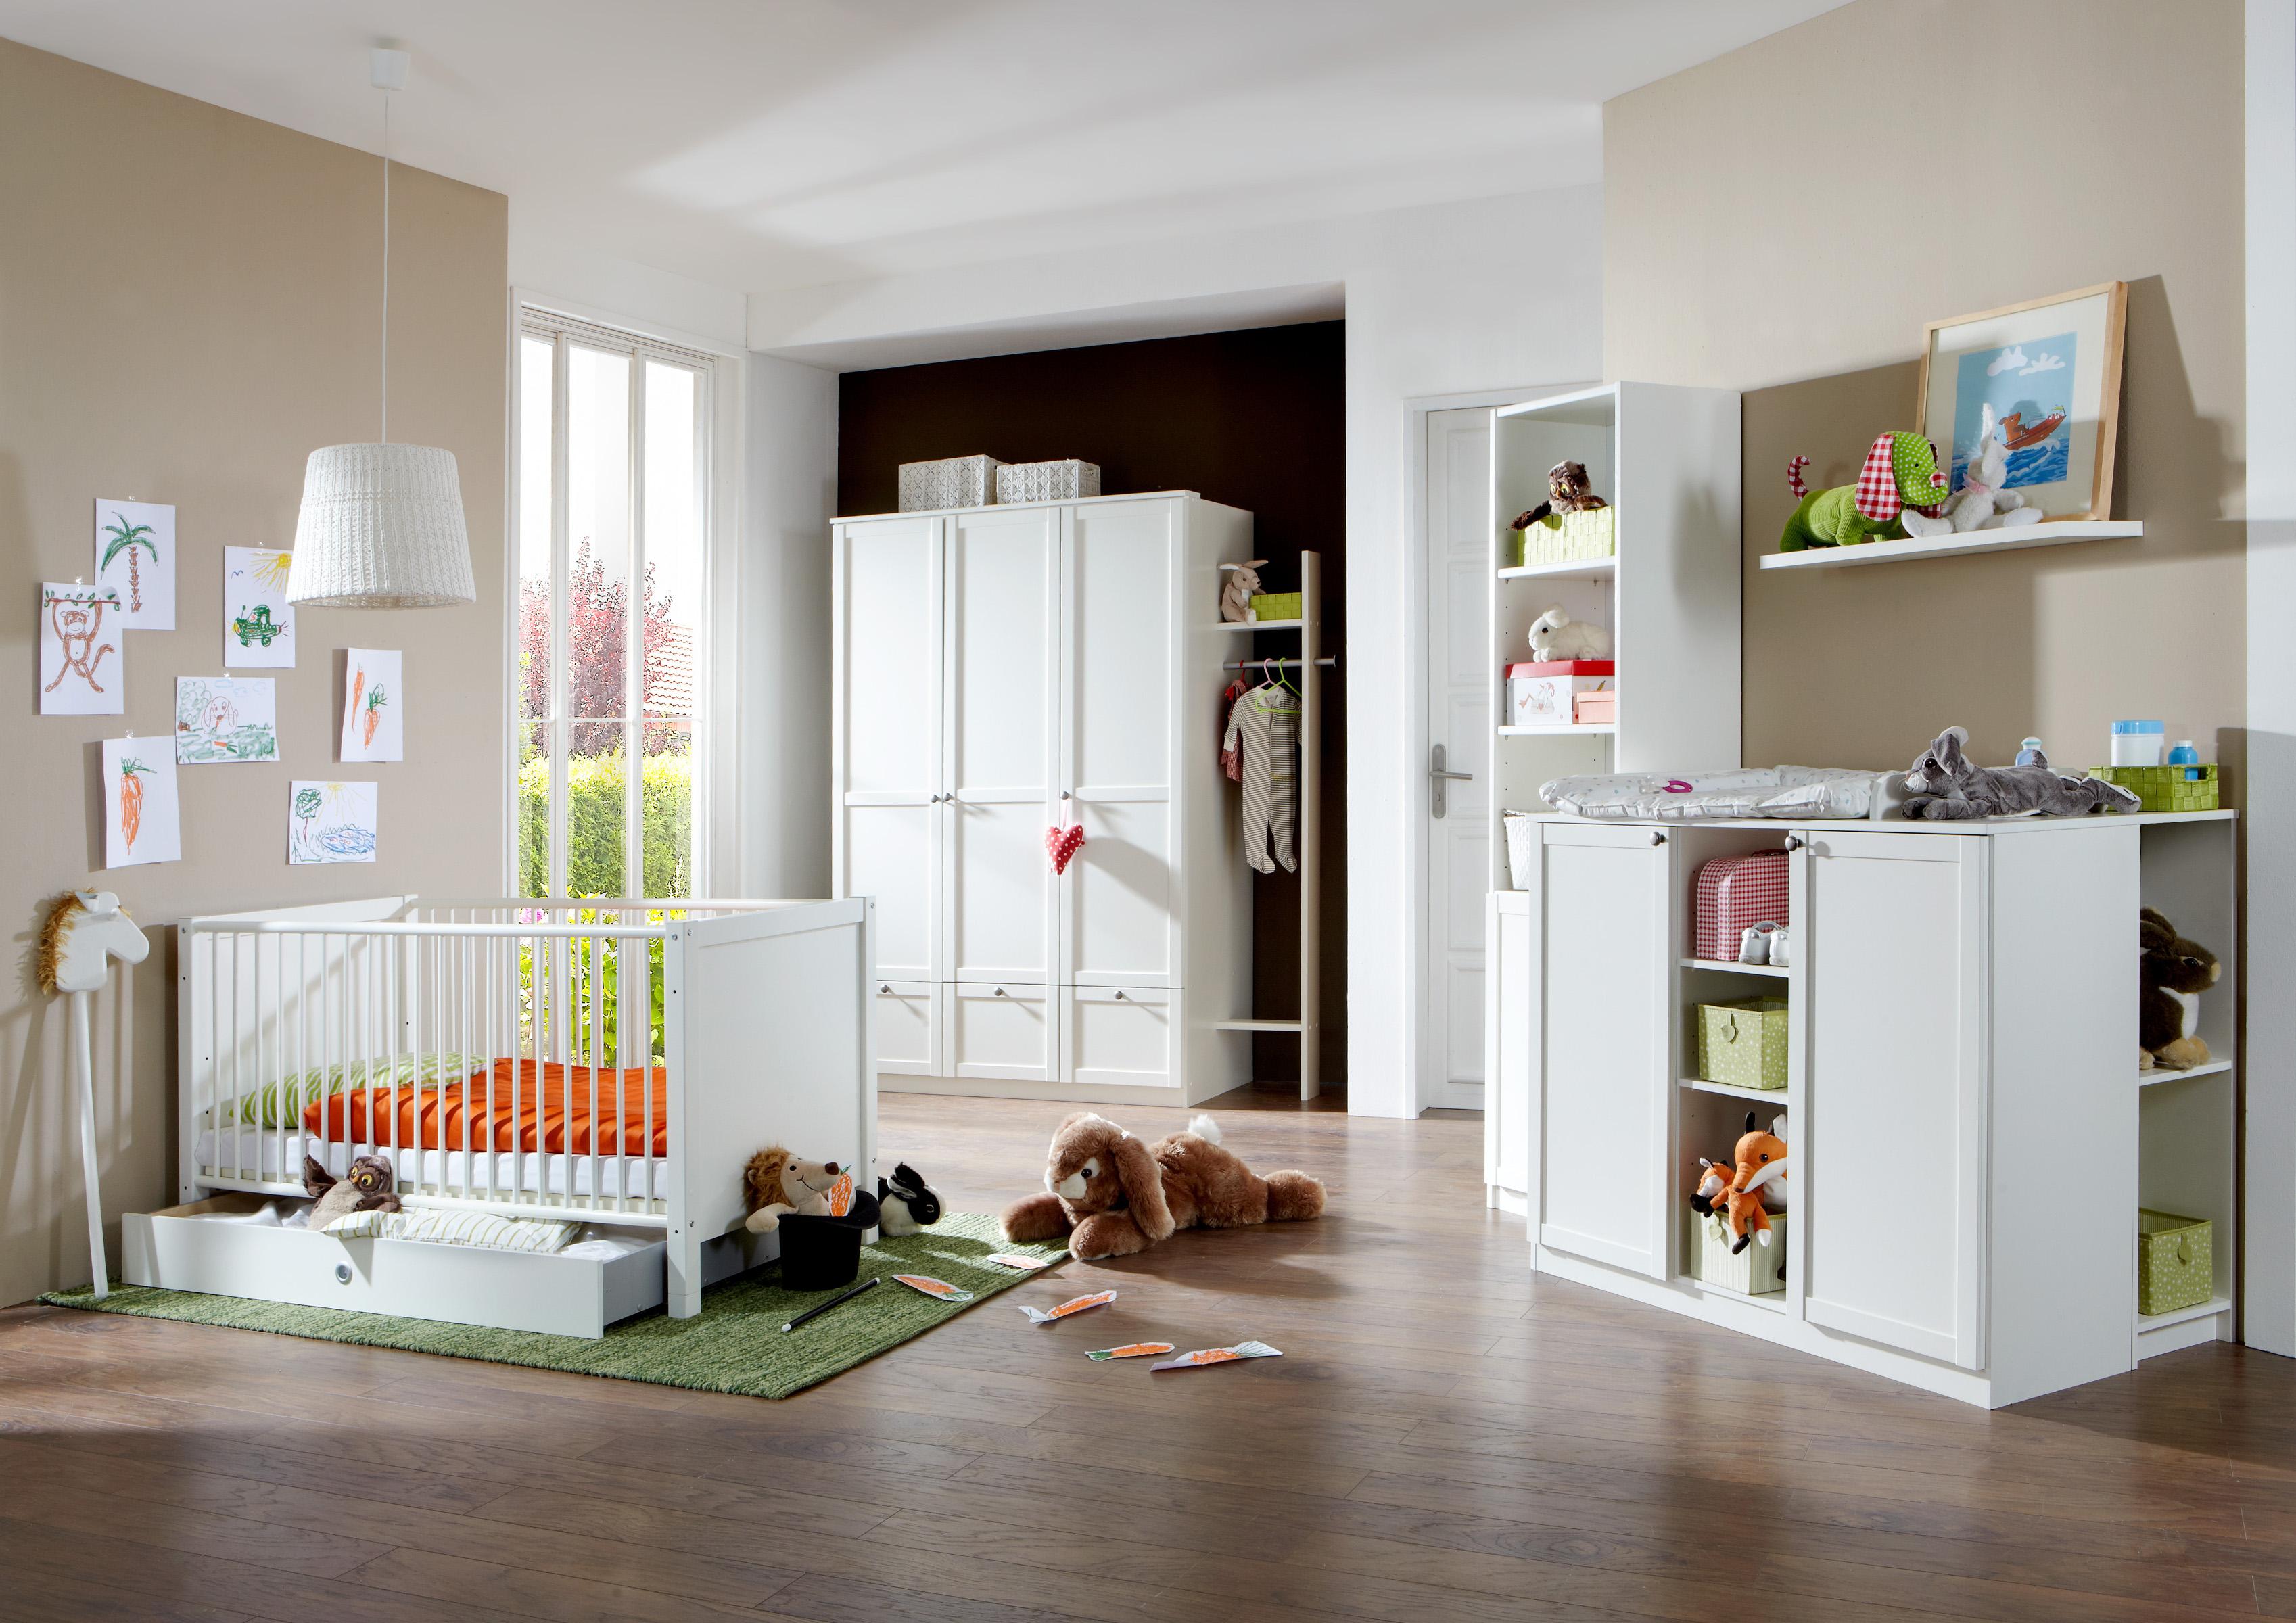 Wimex babyzimmer dreht renschrank mit rahmenfront schubk sten landhaus ebay - Wimex babyzimmer ...